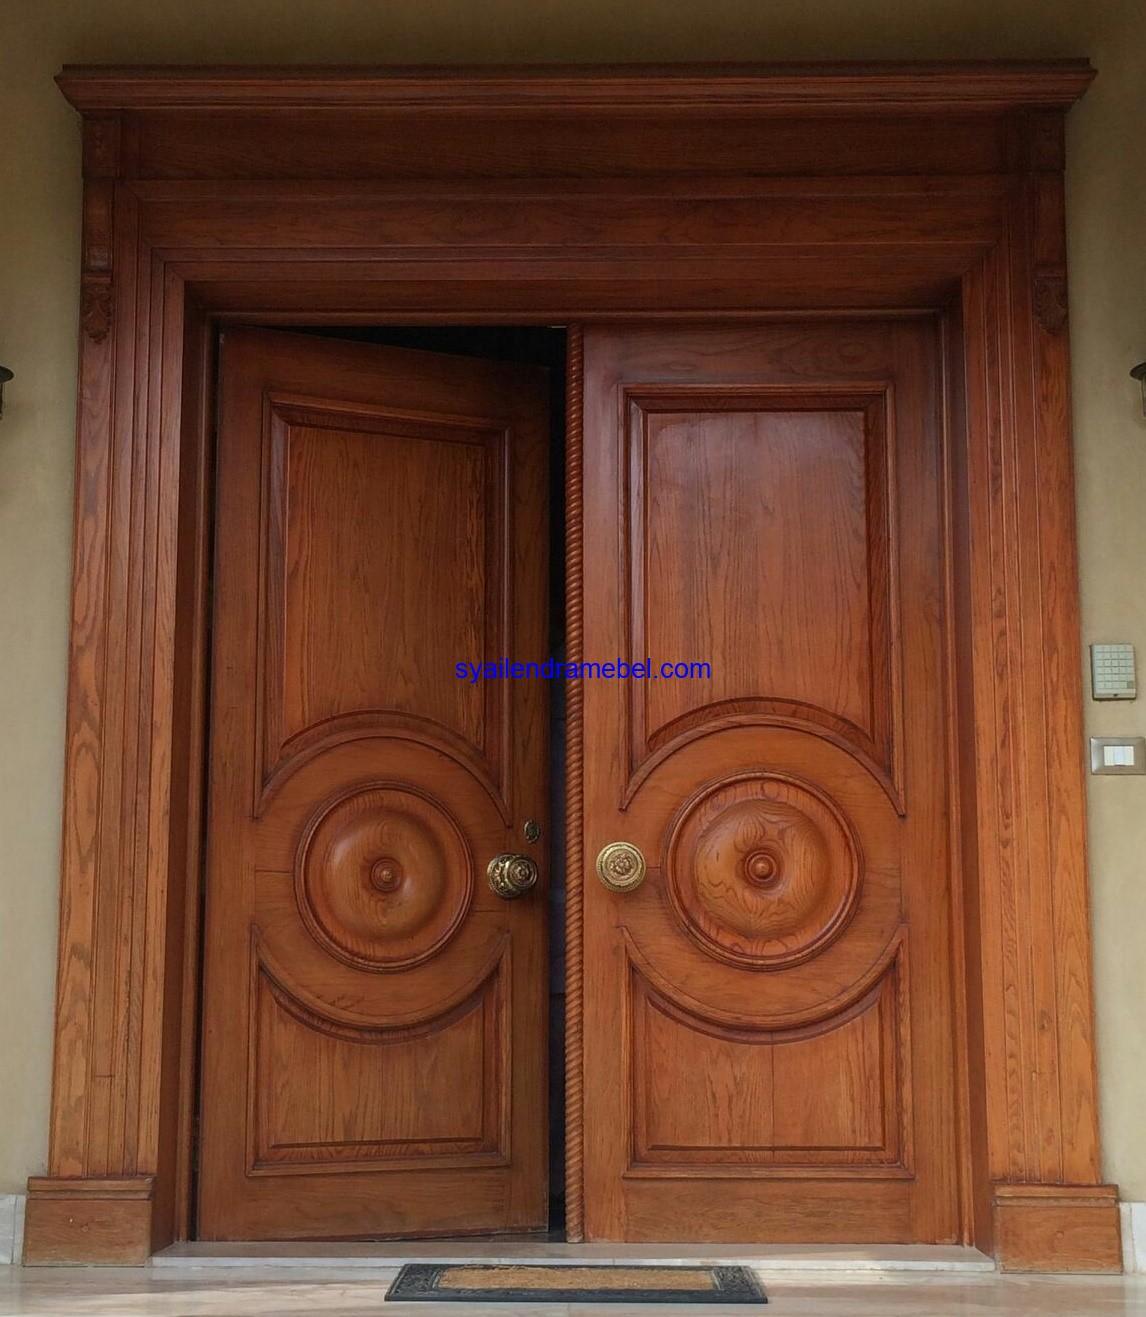 Kusen Pintu Jati Solid Mewah,kusen pintu jati jepara,kusen pintu jati minimalis,kusen pintu jati mewah,kusen pintu jati ukir,harga pintu kusen jati, pintu kusen kayu jati,harga kusen pintu dari jati,kusen pintu jendela jati,harga kusen pintu jendela jati, model pintu kusen kayu jati,kusen pintu kayu jati standar,harga kusen pintu kupu tarung jati,kusen pintu utama jati, harga kusen 2 pintu kayu jati,kusen jati jepara,kusen jati minimalis,jendela jati minimalis,jendela jati jepara, jendela jati kaca,harga jendela jati,jendela kayu jati minimalis,desain jendela jati,pintu jendela dari jati,harga jendela kayu jati, model jendela kayu jati,